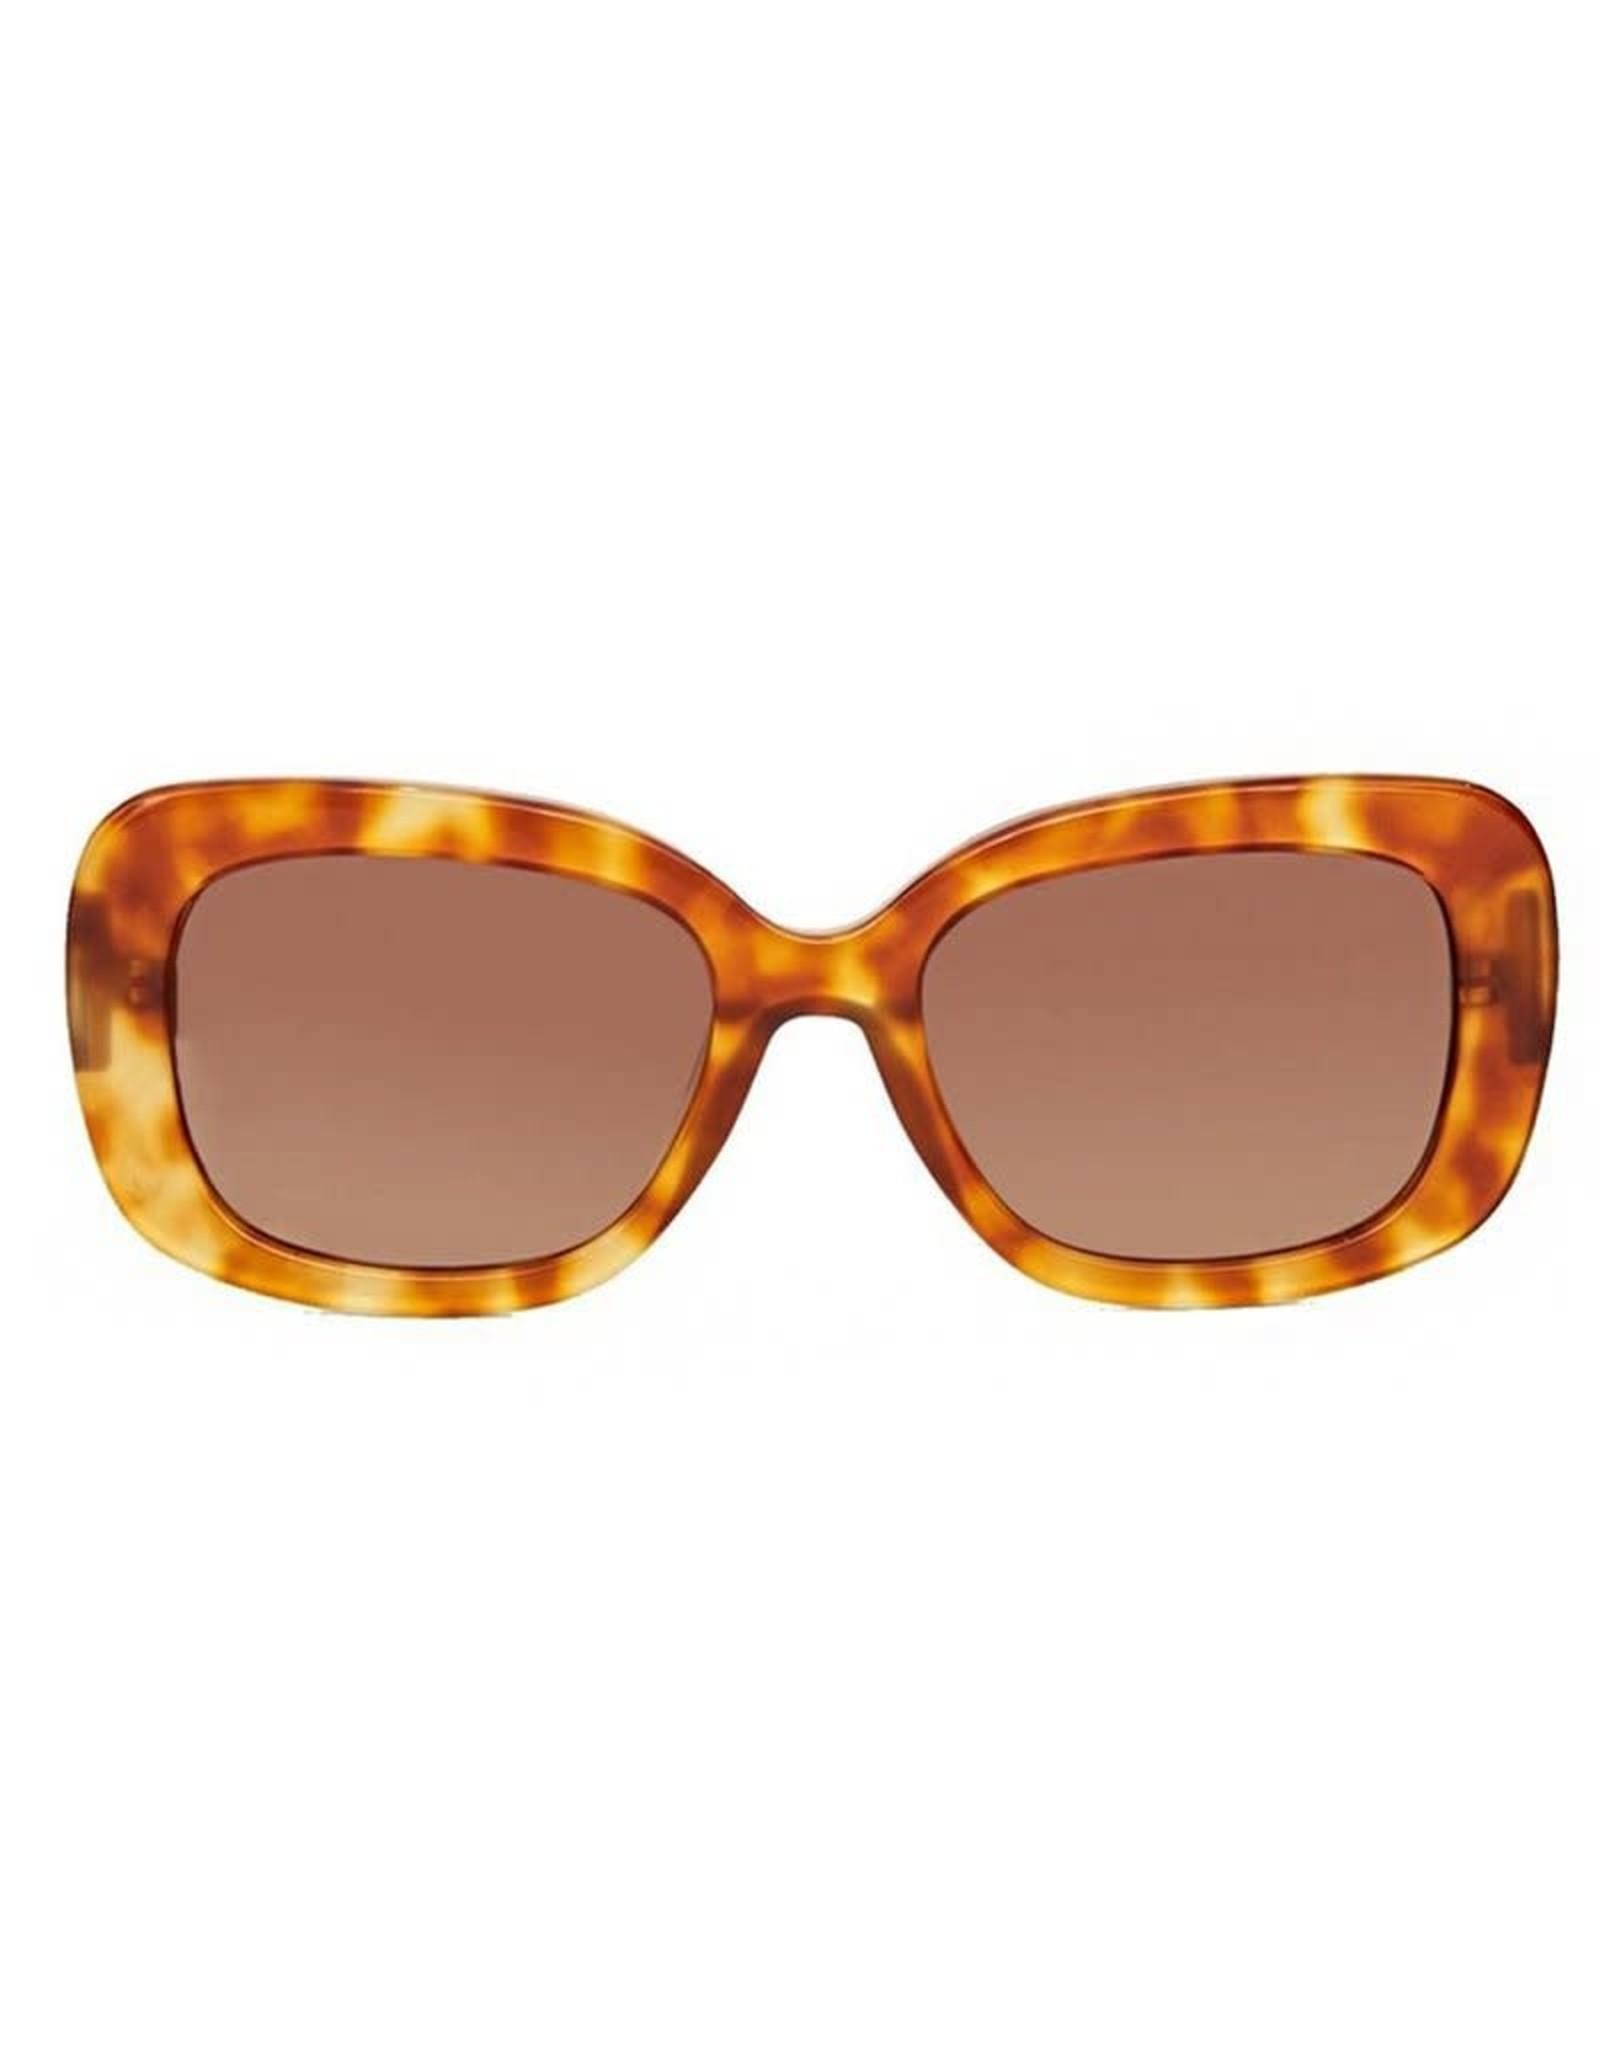 Shevoke Devon Sunglasses